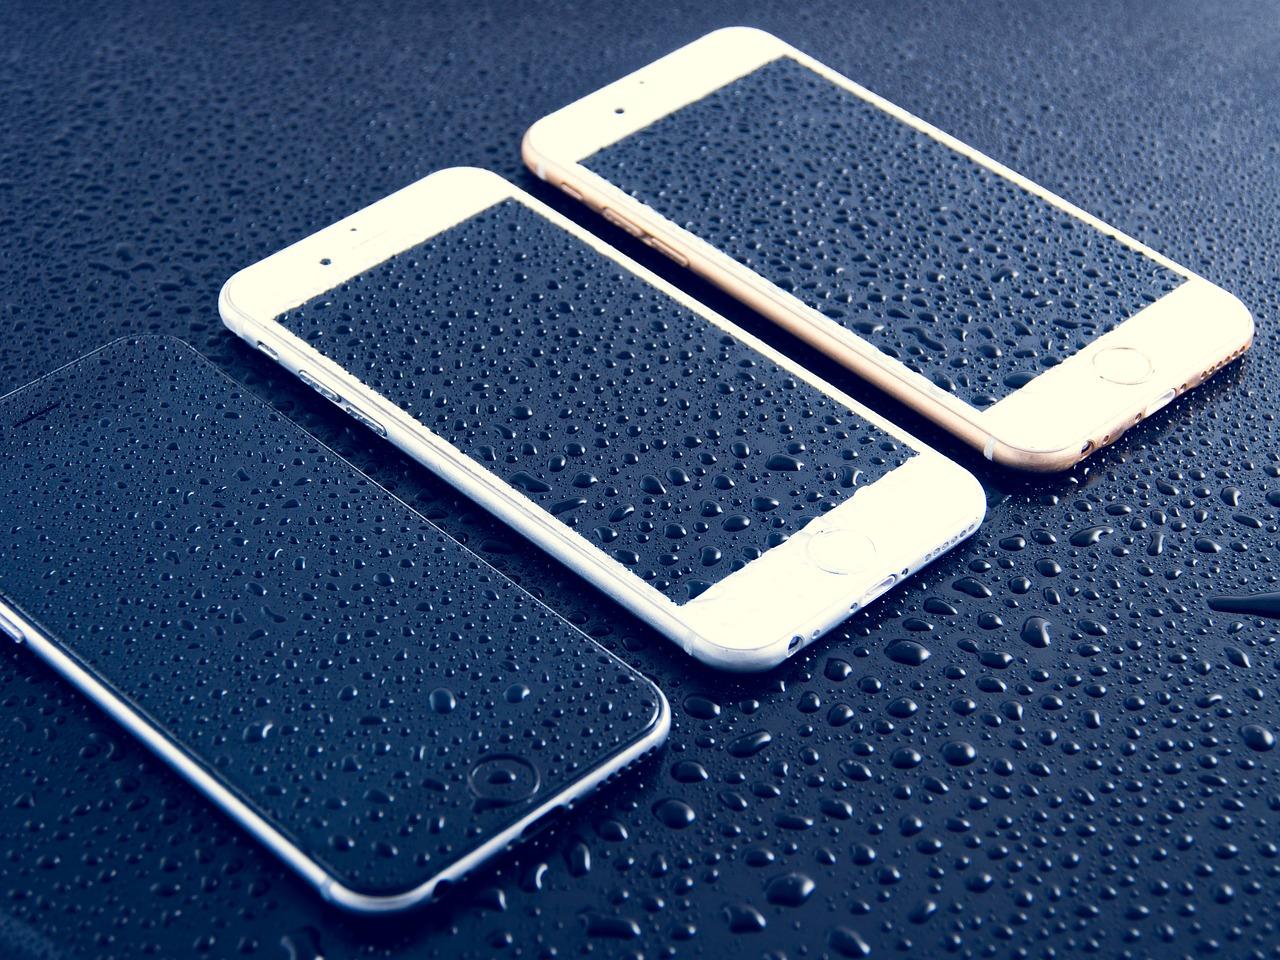 téléphone portable tombé dans l'eau